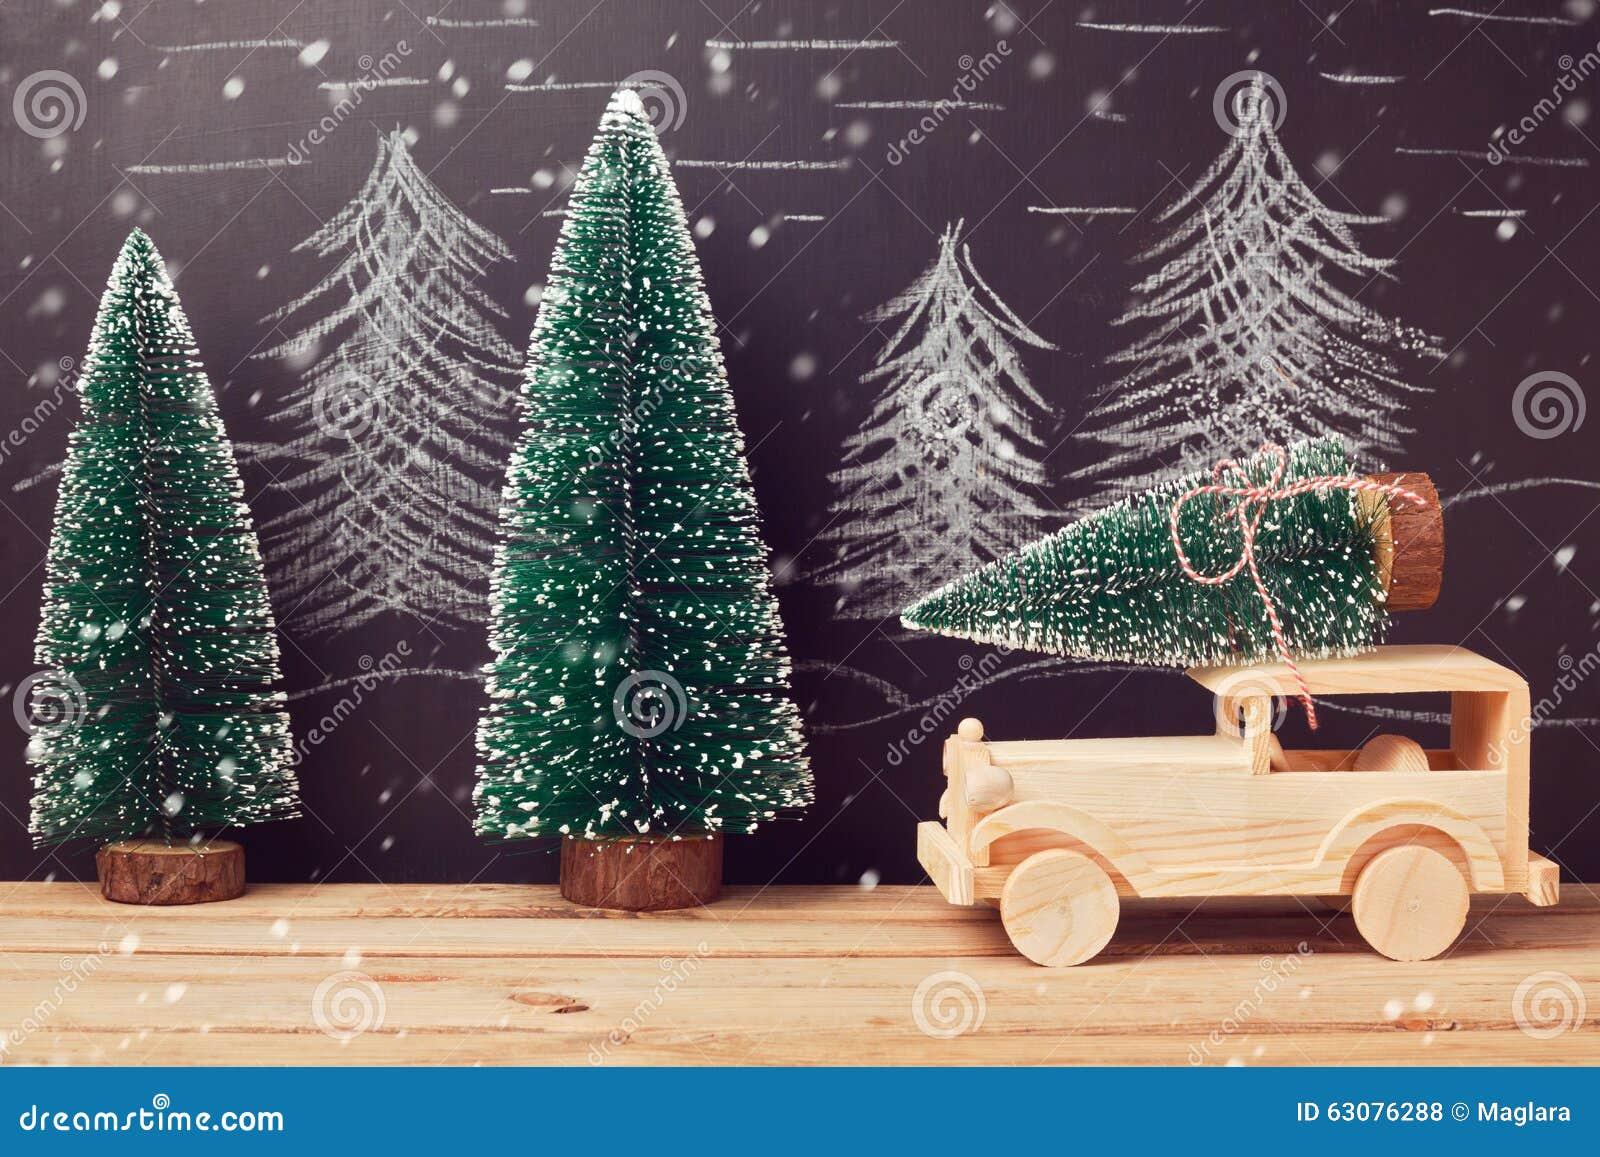 Download Concept De Célébration De Noël Avec L'arbre De Noël Sur La Voiture De Jouet Sur La Table En Bois Au-dessus Du Fond De Tableau Photo stock - Image du tabletop, noël: 63076288